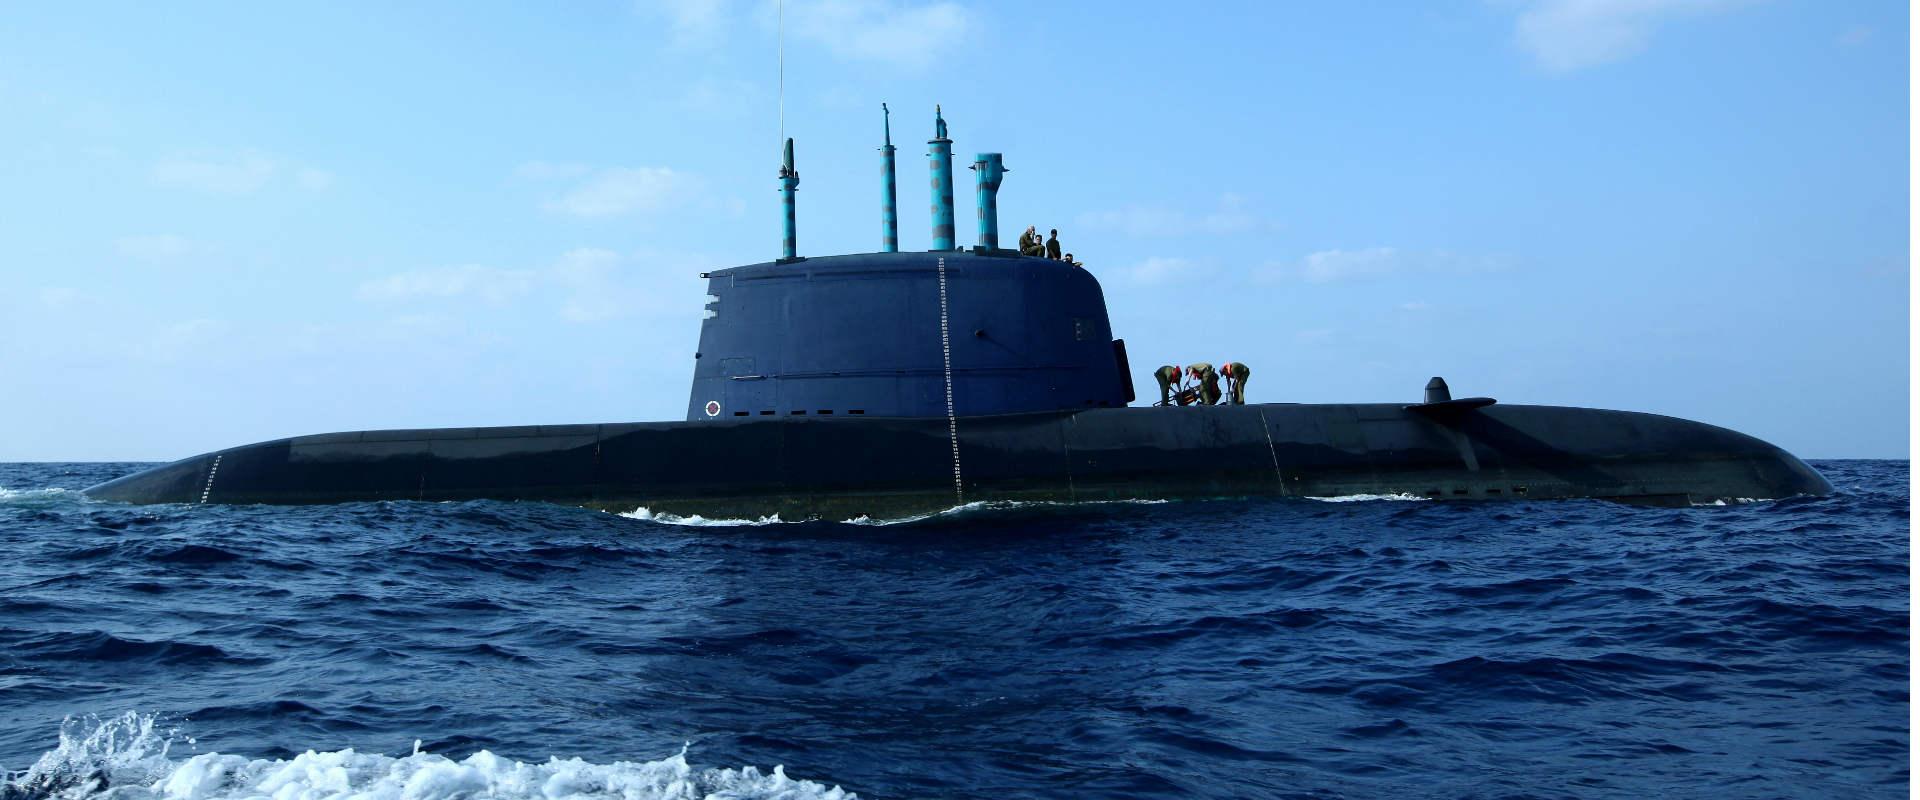 צוללת של חיל הים